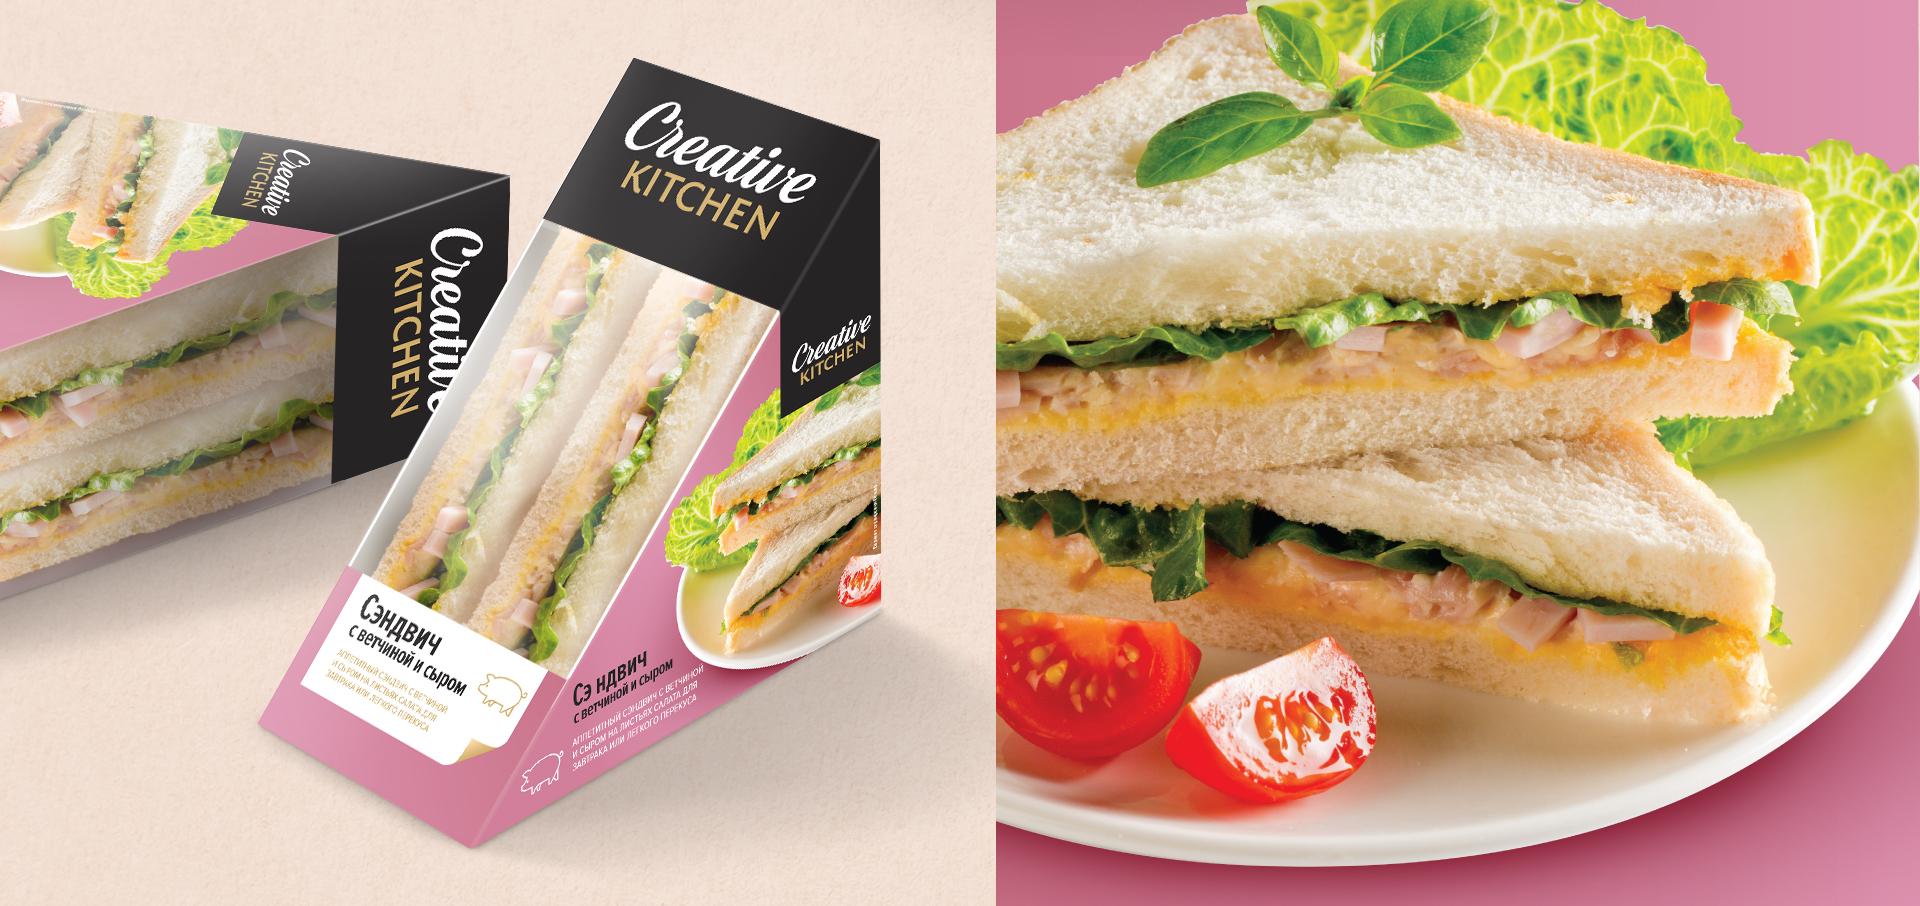 В рамках проекта брендинга разработаны дизайны упаковки для каждого формата